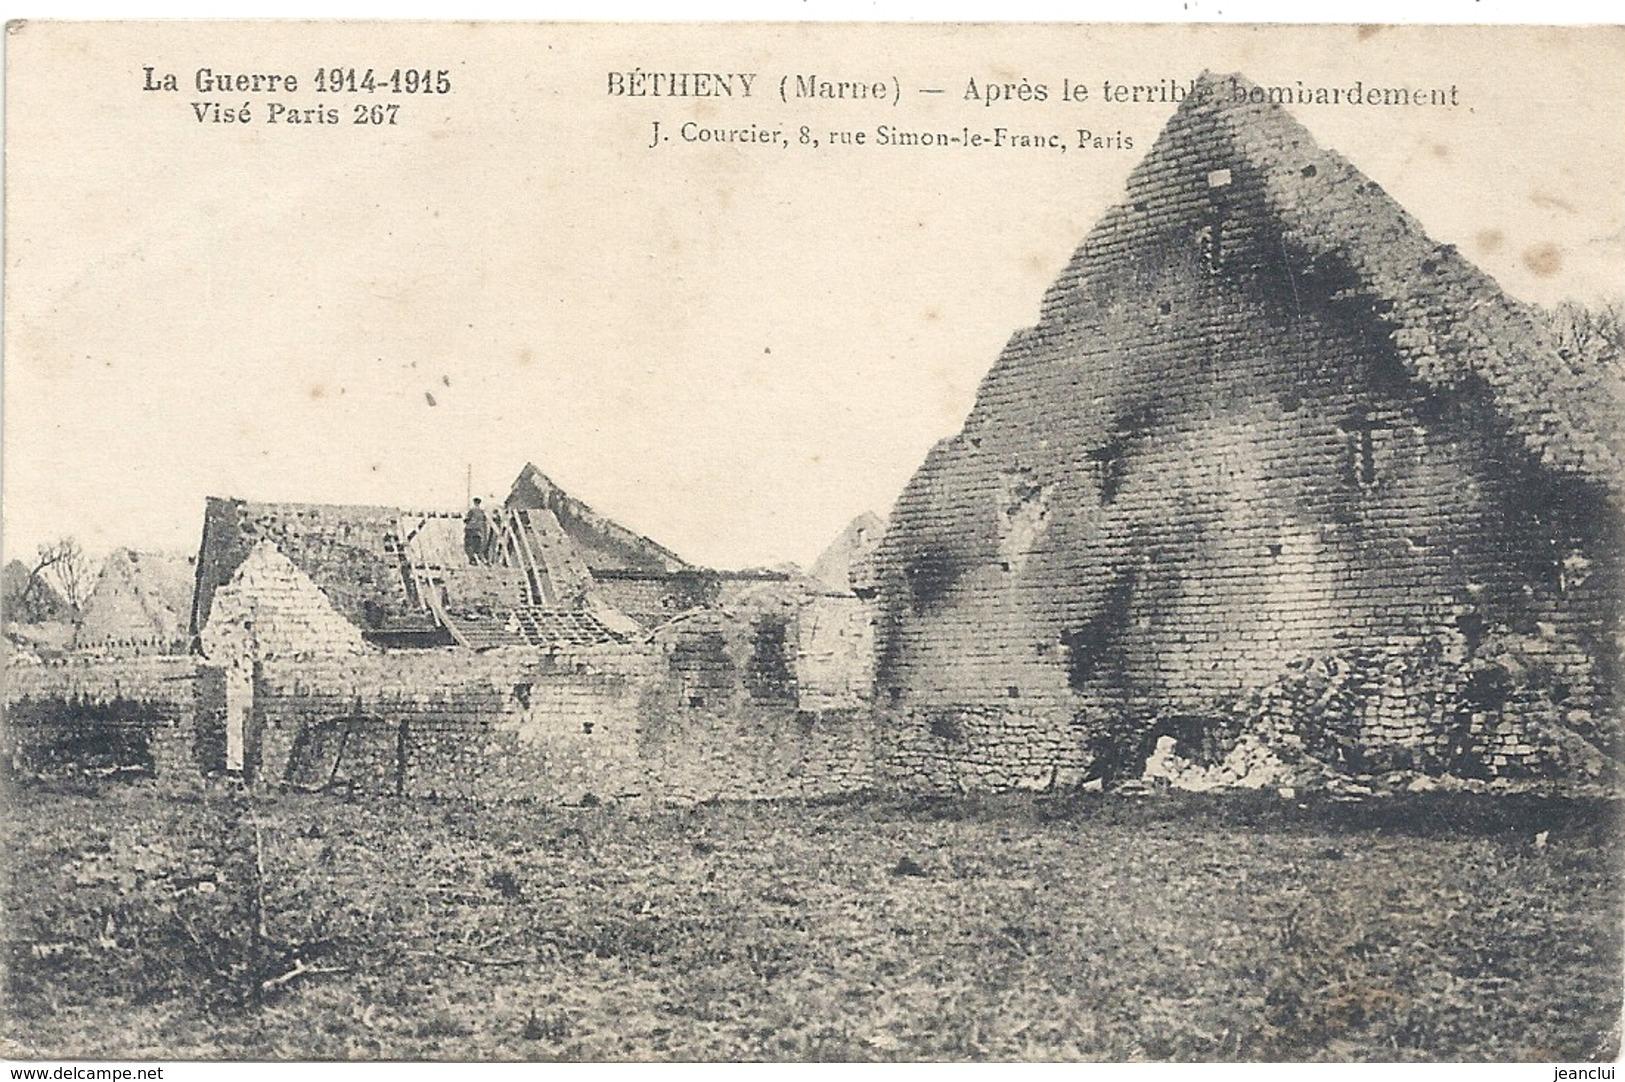 LA GUERRE 1914-1915 . BETHENY . APRES LE TERRIBLE BOMBARDEMENT . CARTE ECRITE AU VERSO - Bétheny